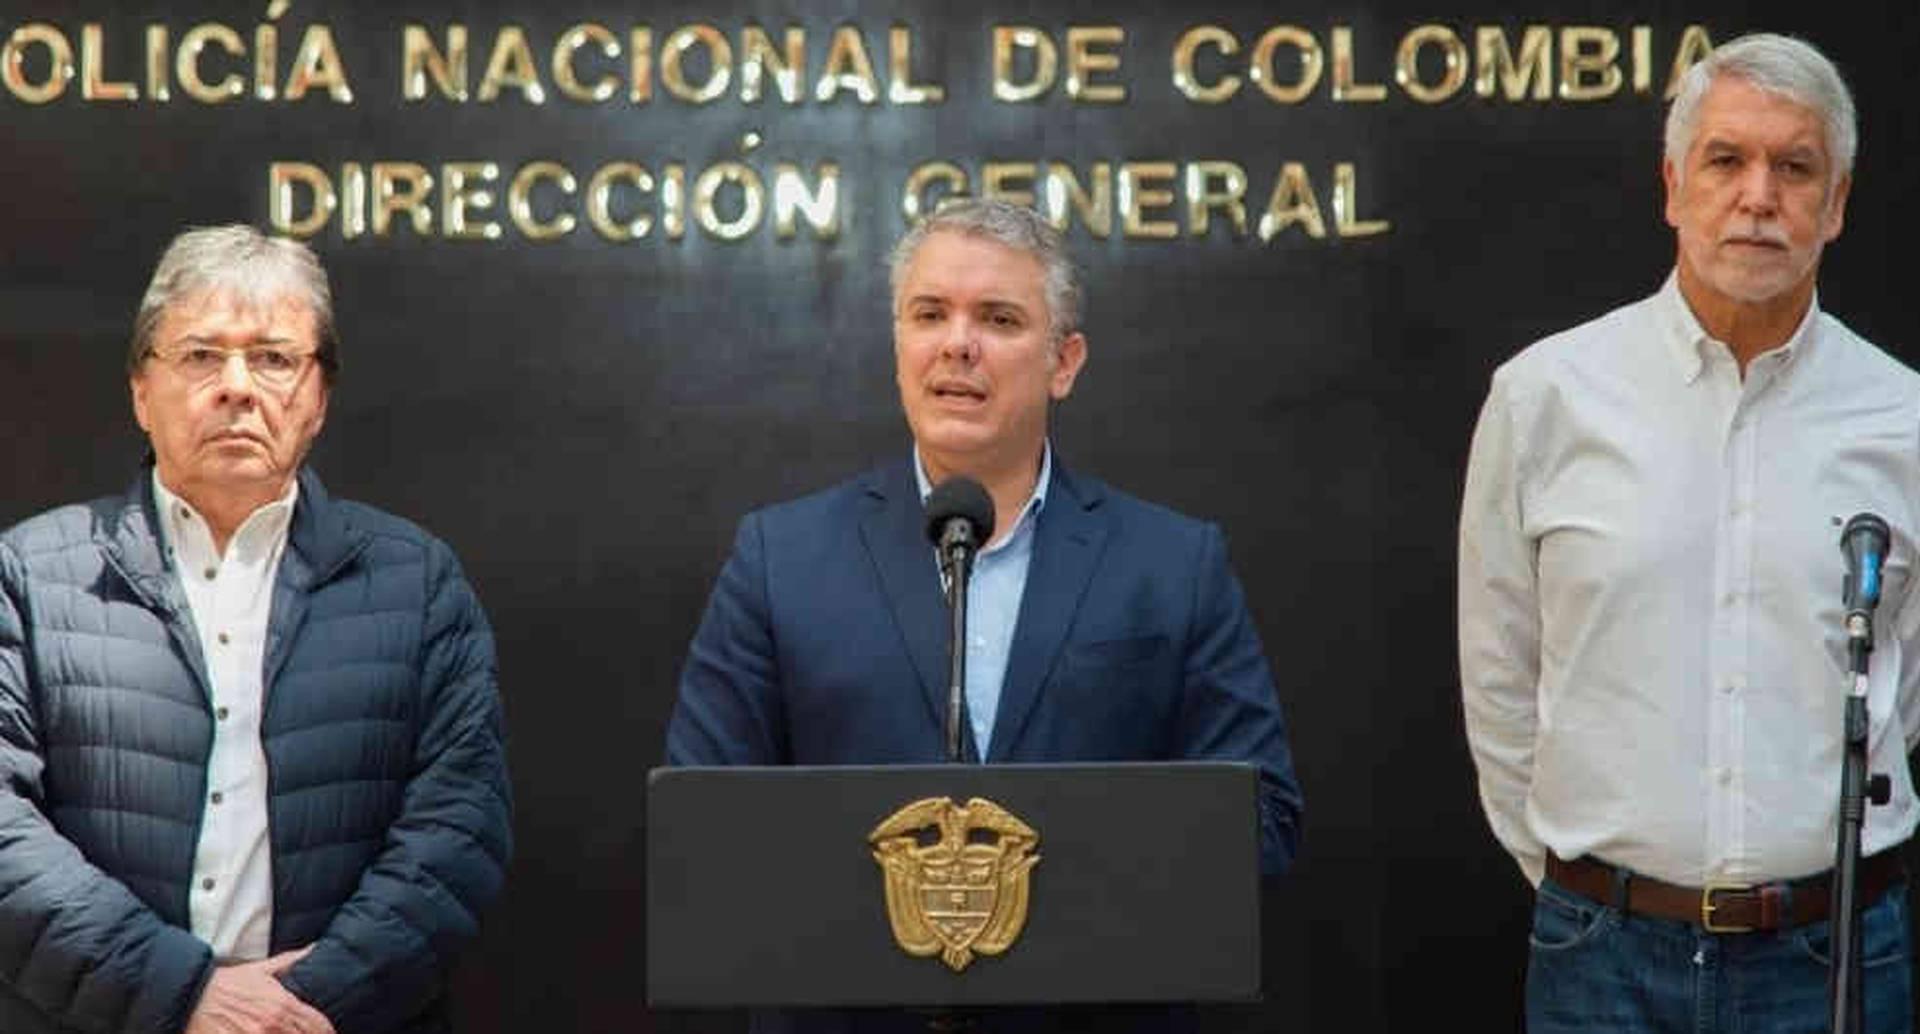 El presidente Iván Duque, con el alcalde Enrique Peñalosa y el ministro de Defensa, Carlos Holmes Trujillo, en la rueda de prensa en la mañana de este sábado en la Dirección de la Policía Nacional.